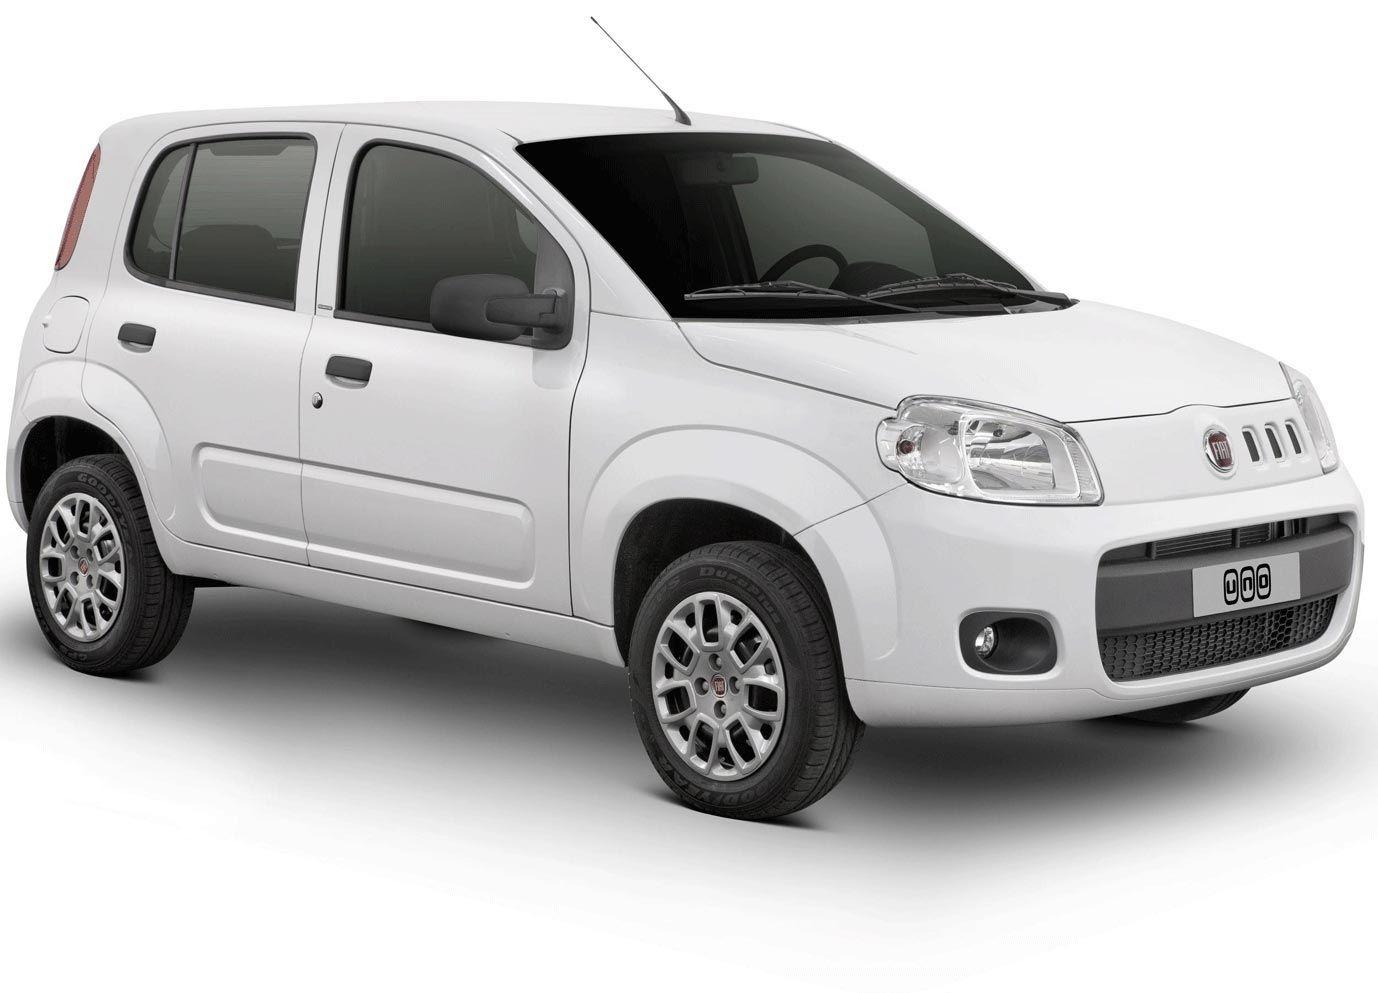 Carros Populares Mais Baratos Do Brasil Para 2015 2016 Carro